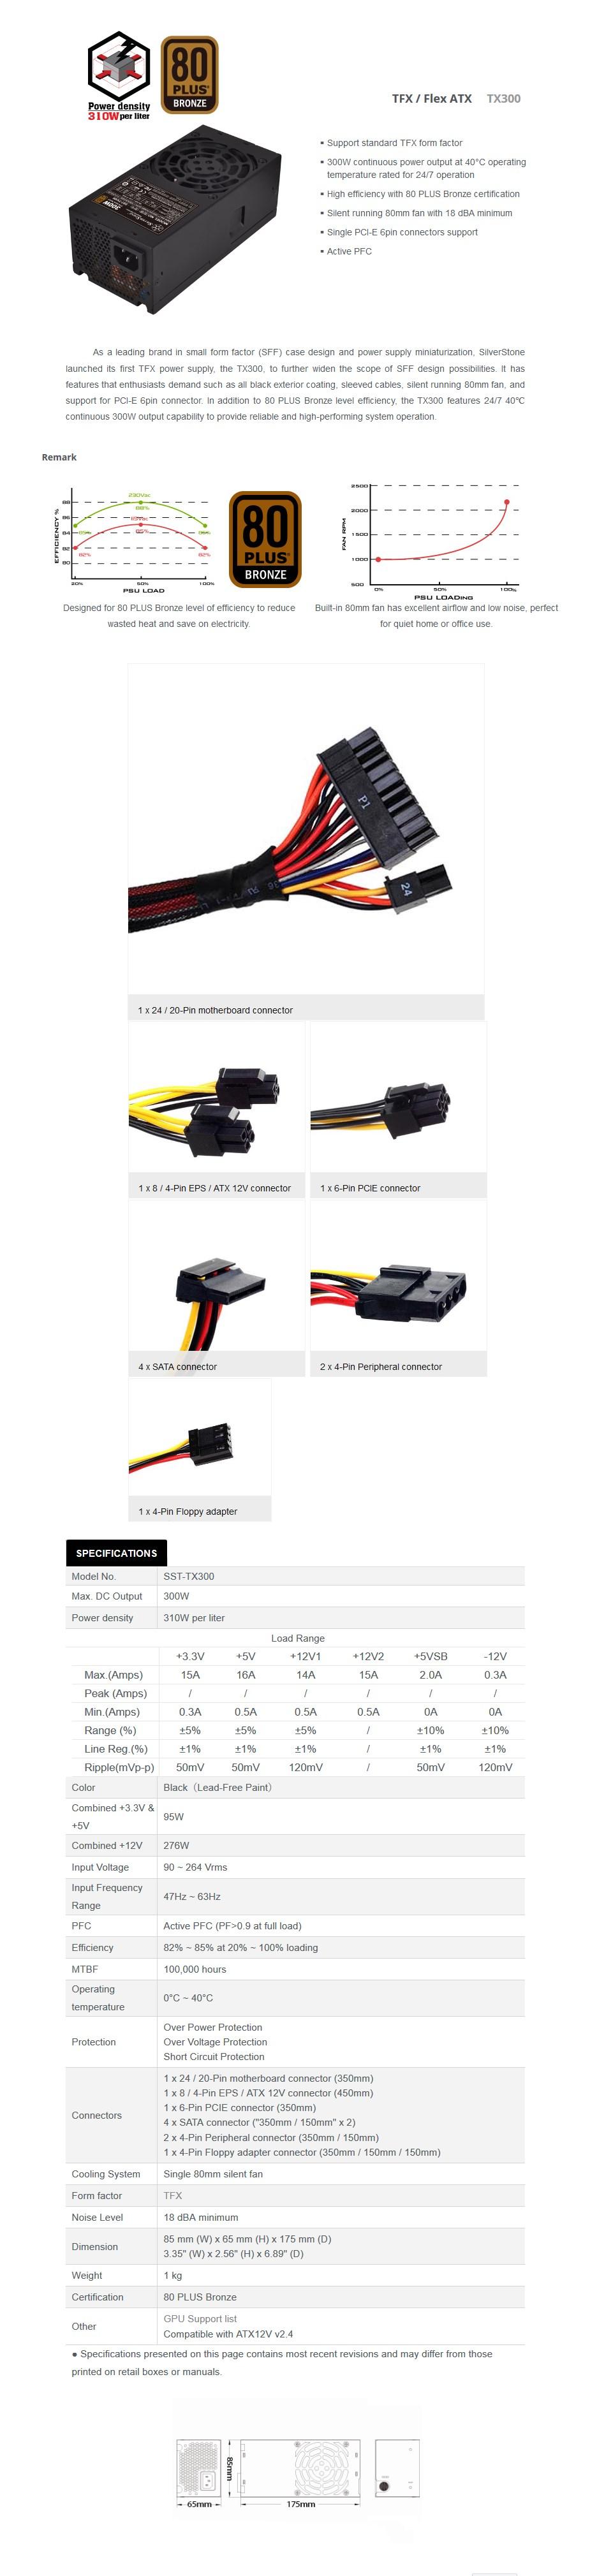 SilverStone TFX SST-TX300 300W 80+ Bronze Power Supply - Desktop Overview 1